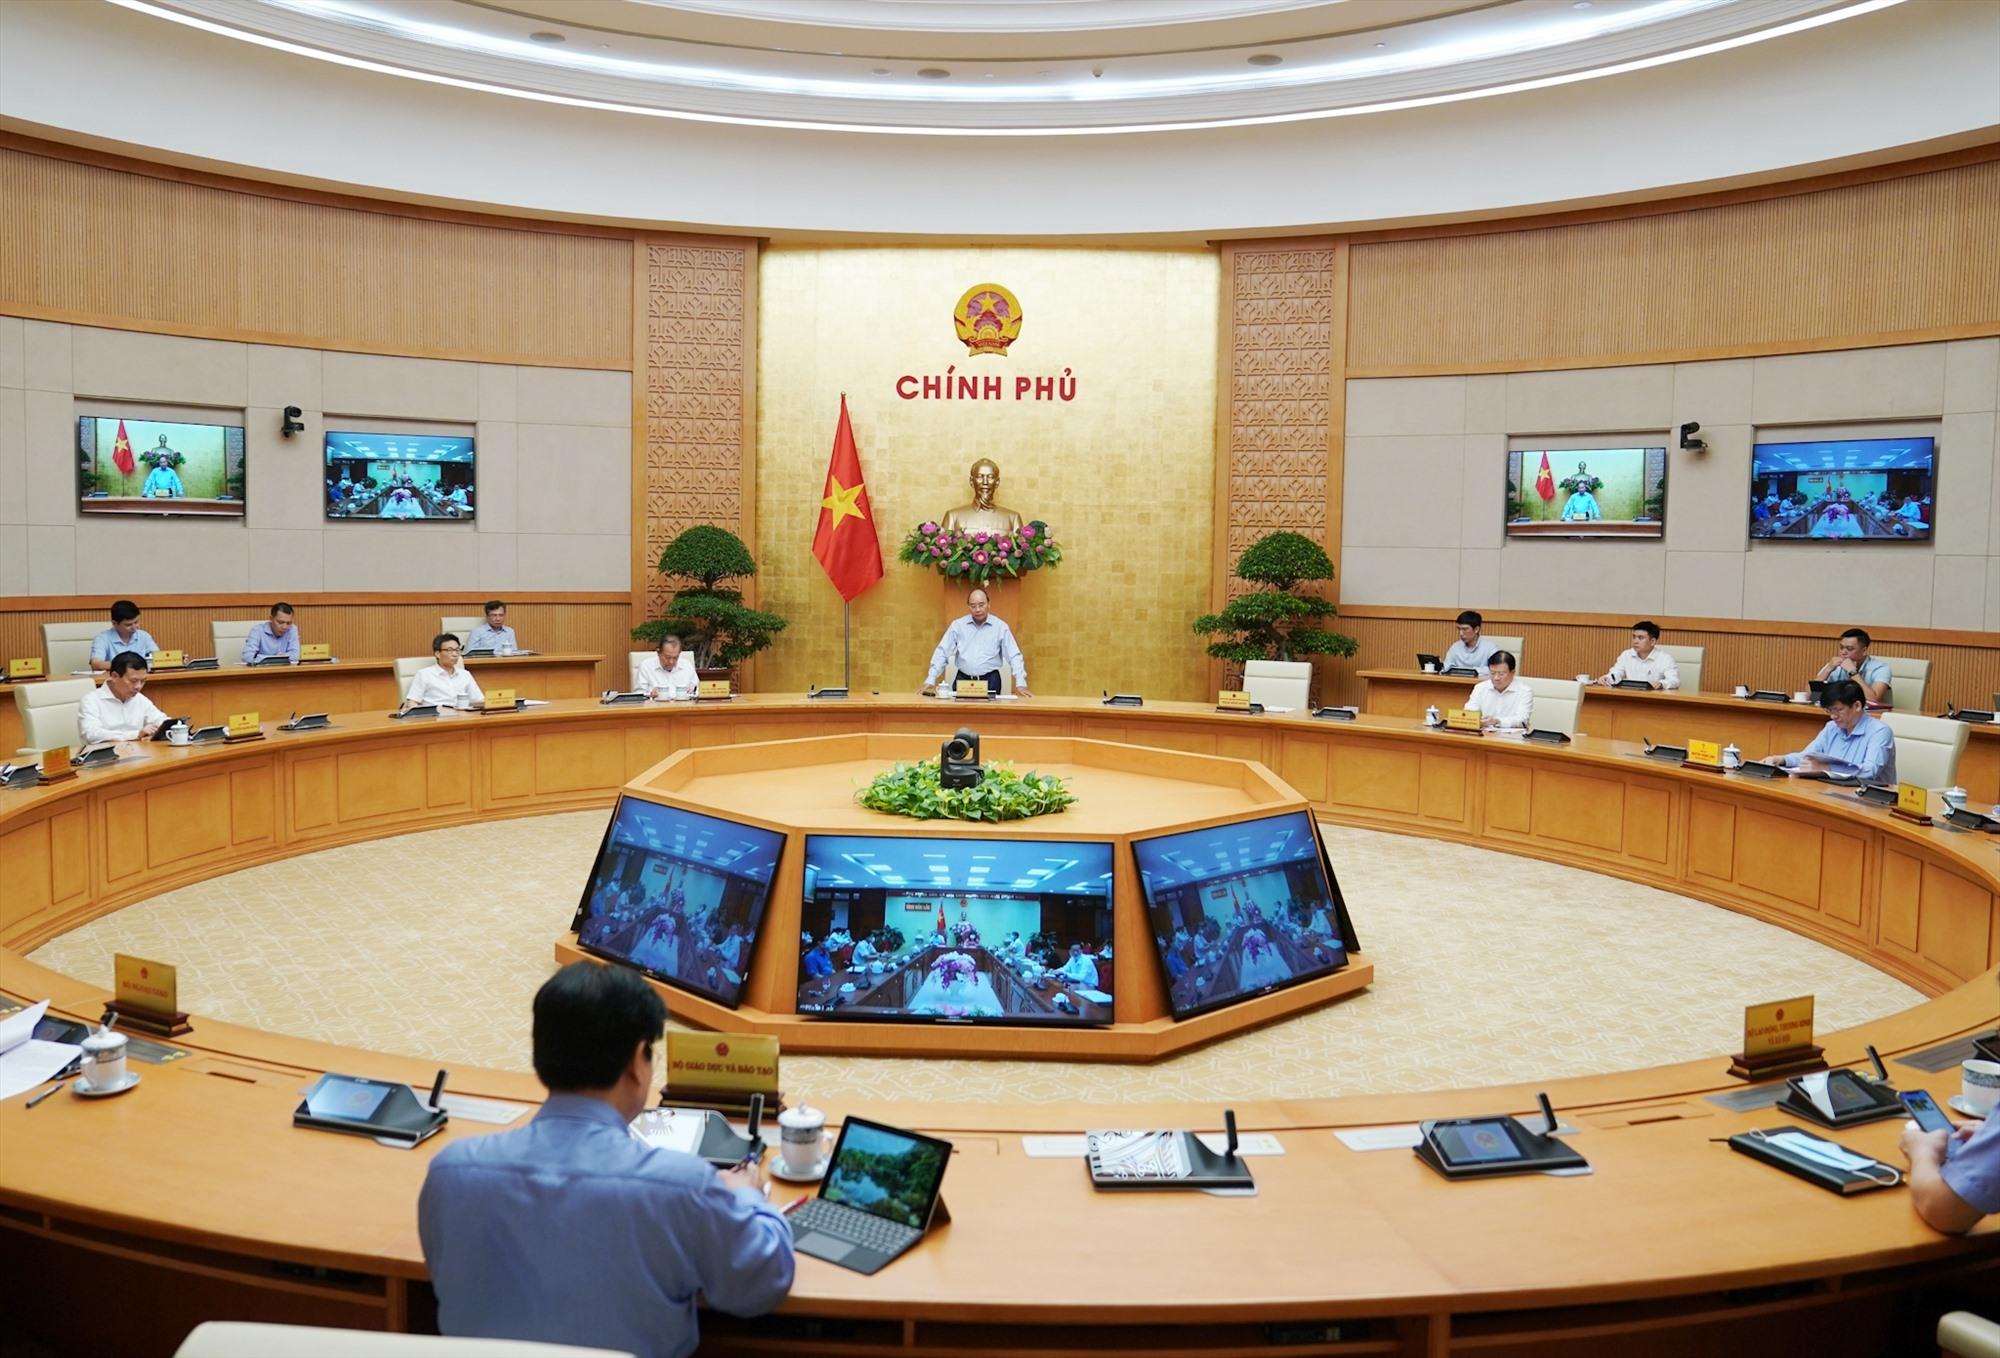 Quang cảnh cuộc họp. Ảnh: chinhphu.vn